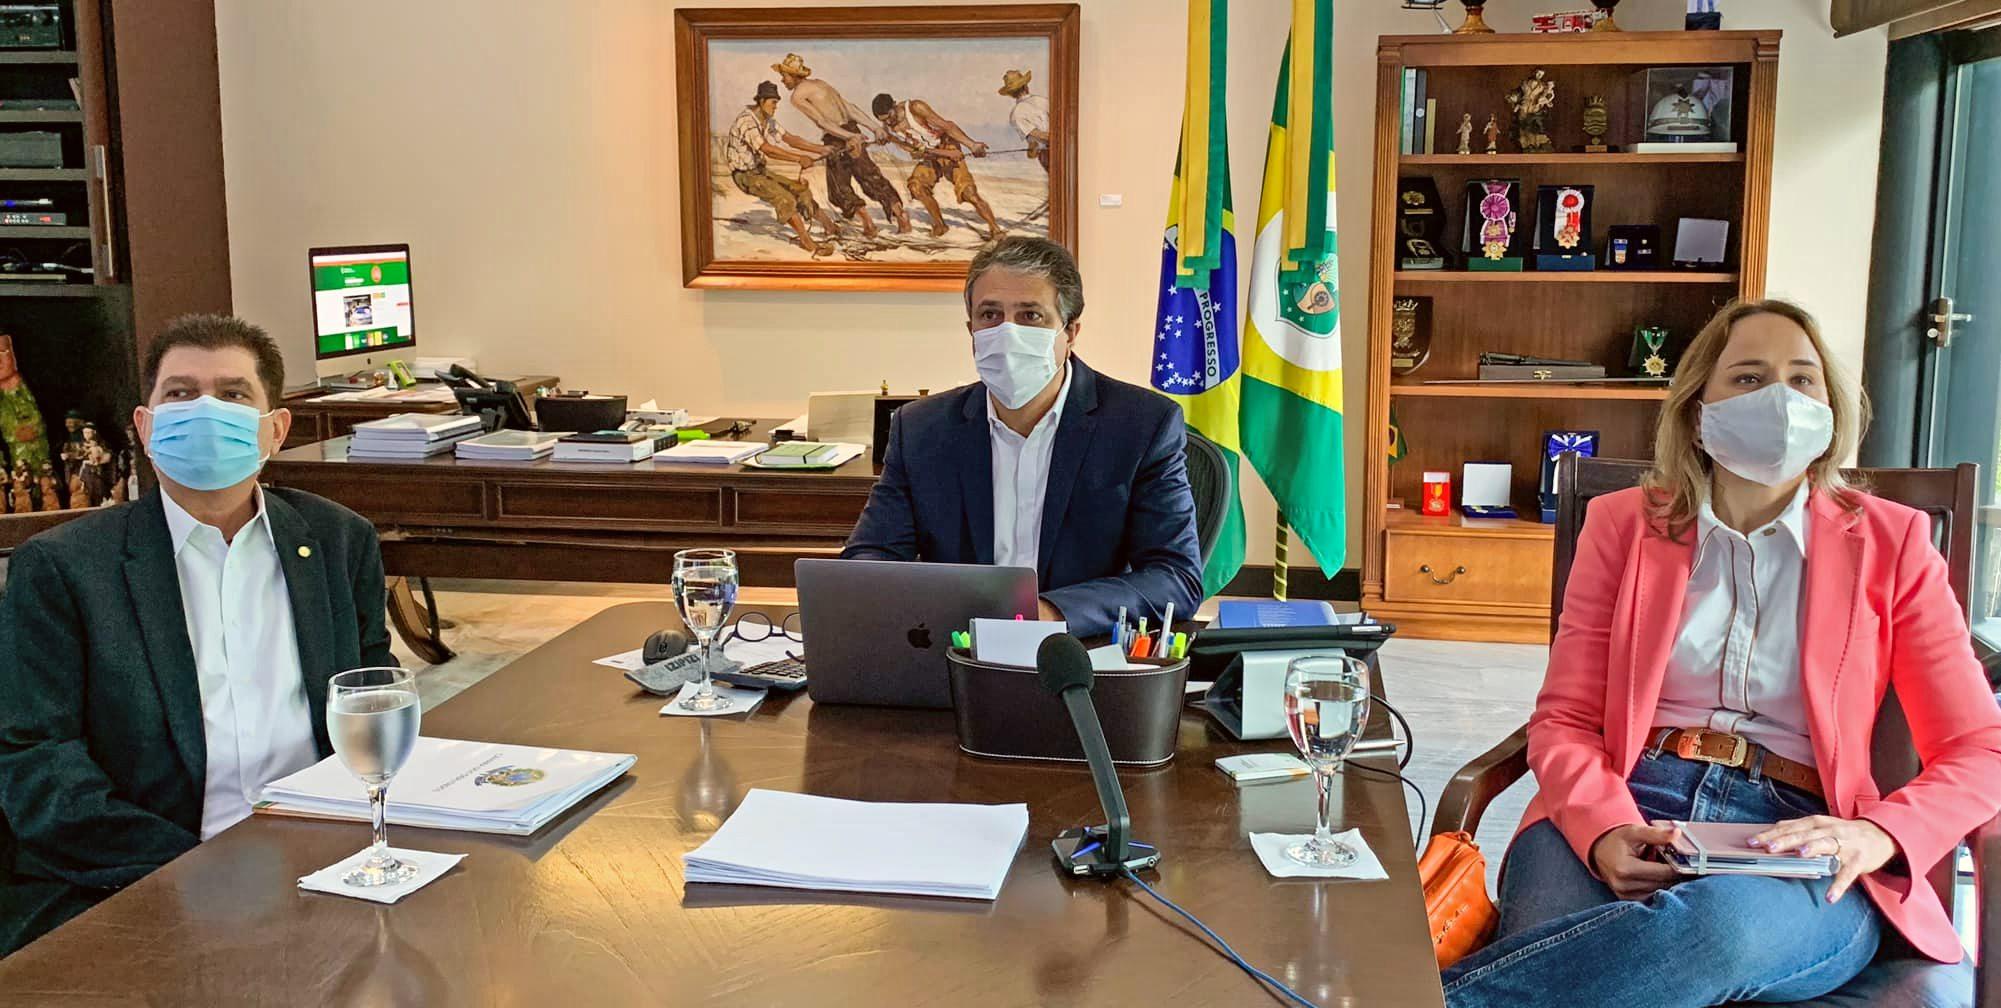 Camilo discute com os presidentes do Senado e da Câmara novas medidas de enfrentamento à pandemia de Covid-19